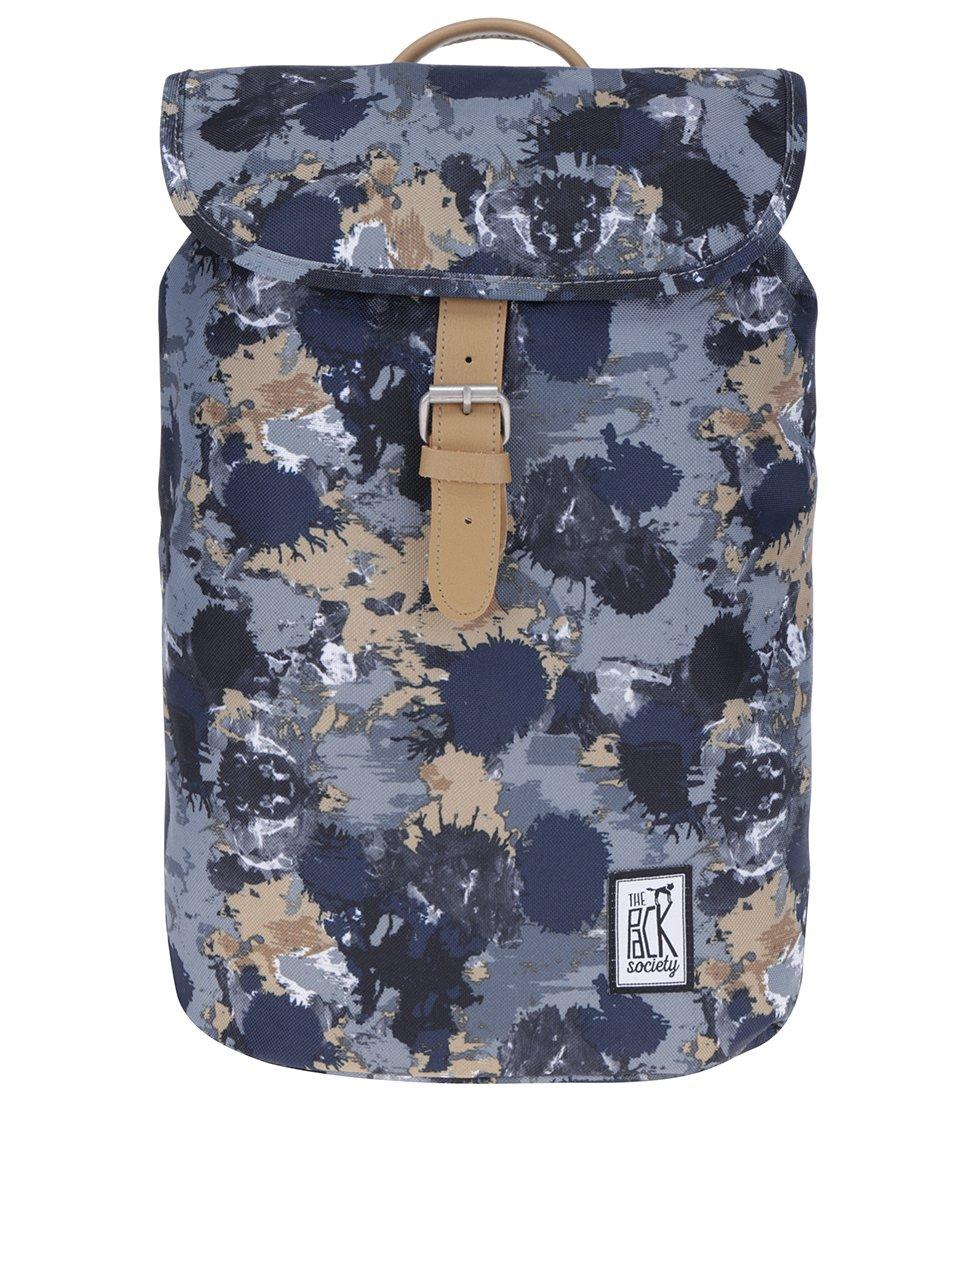 Šedo-modrý maskáčkový batoh The Pack Society 10 l